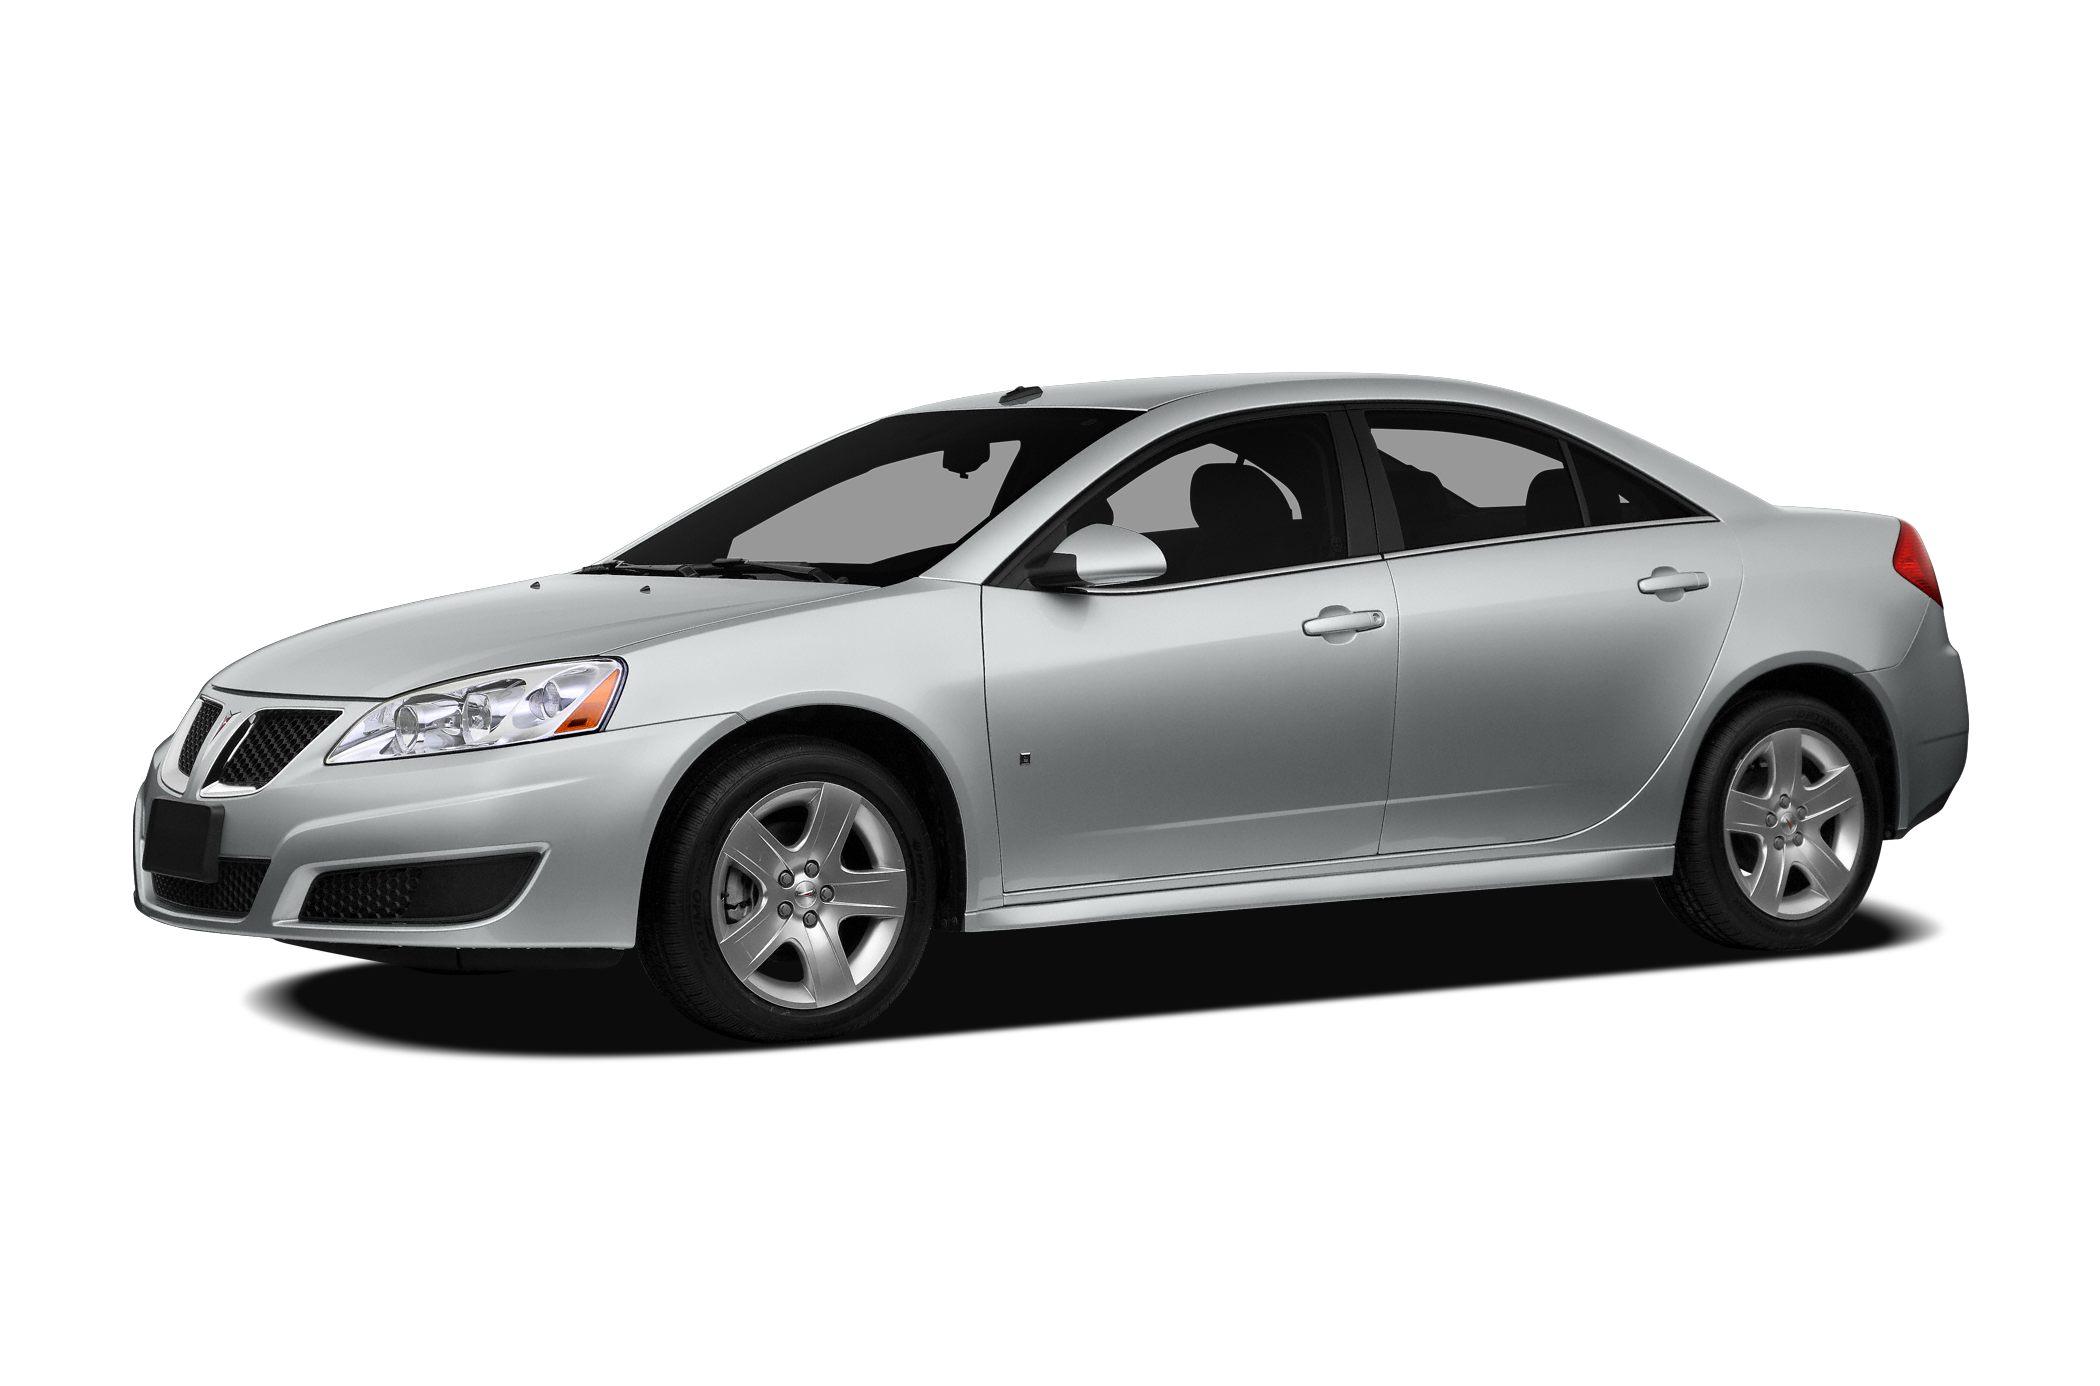 2010 Pontiac G6 Information Wiring Schematic